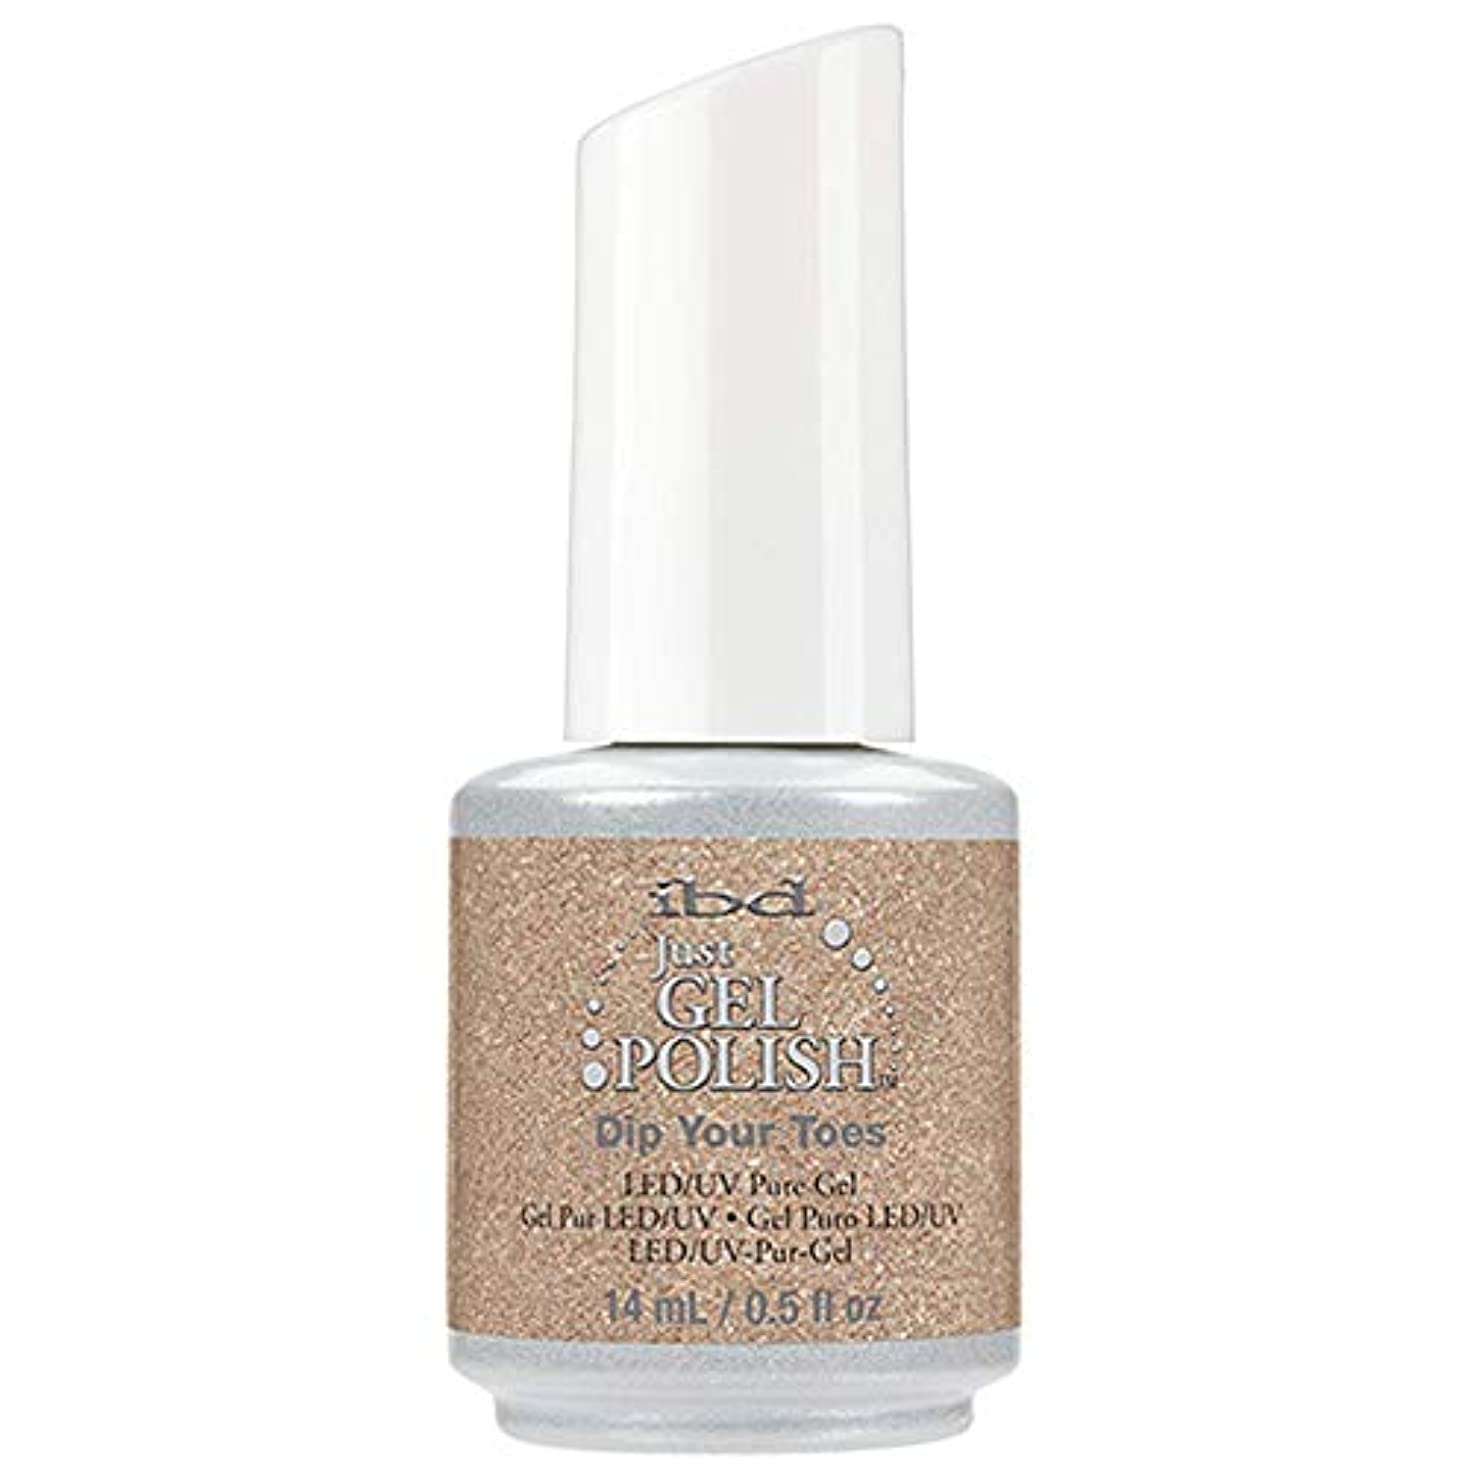 の中で続編許すibd Just Gel Nail Polish - Dip Your Toes - 14ml / 0.5oz